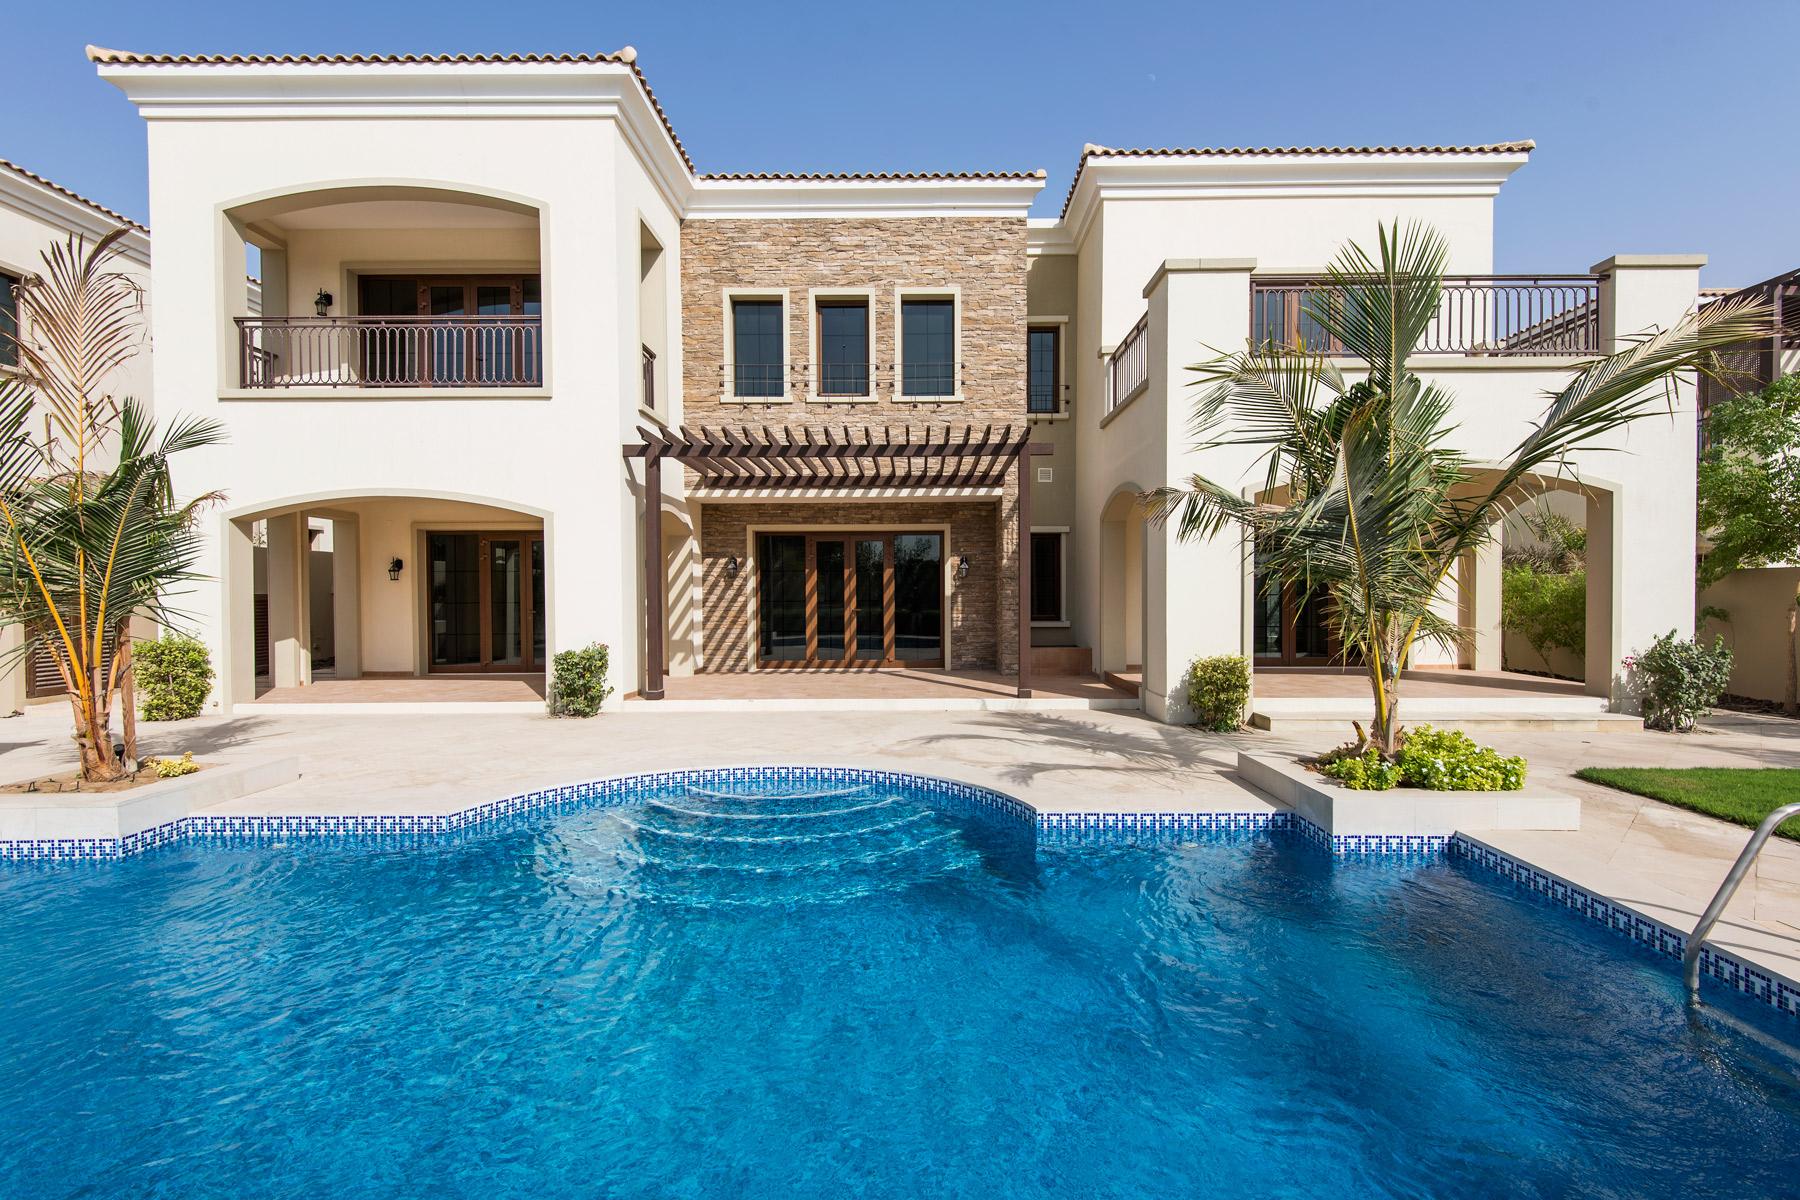 Объект для продажи Dubai